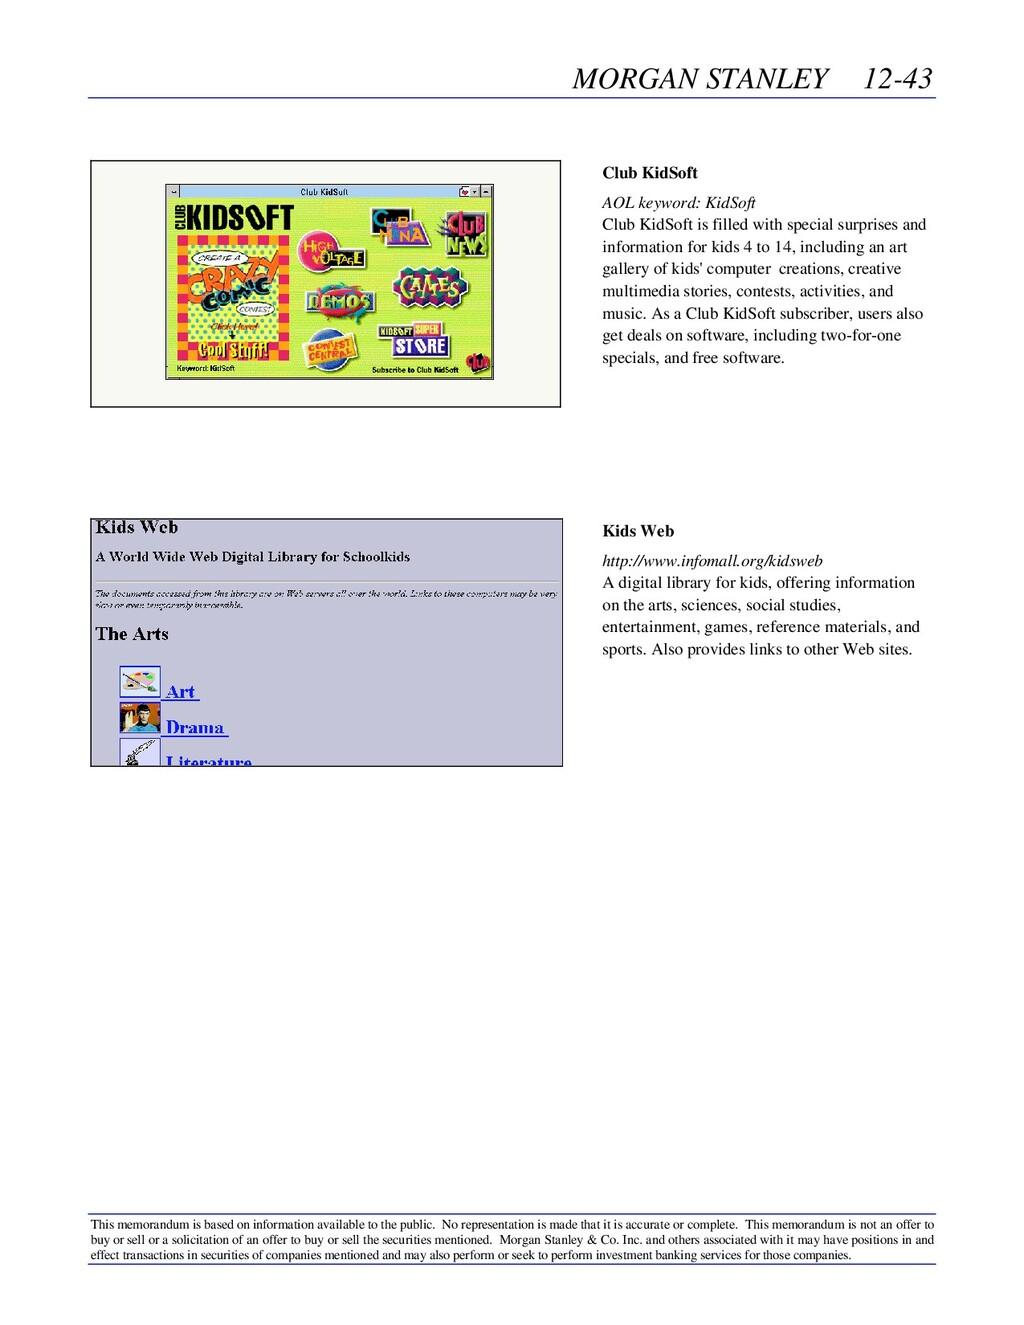 MORGAN STANLEY 12-43 This memorandum is based o...